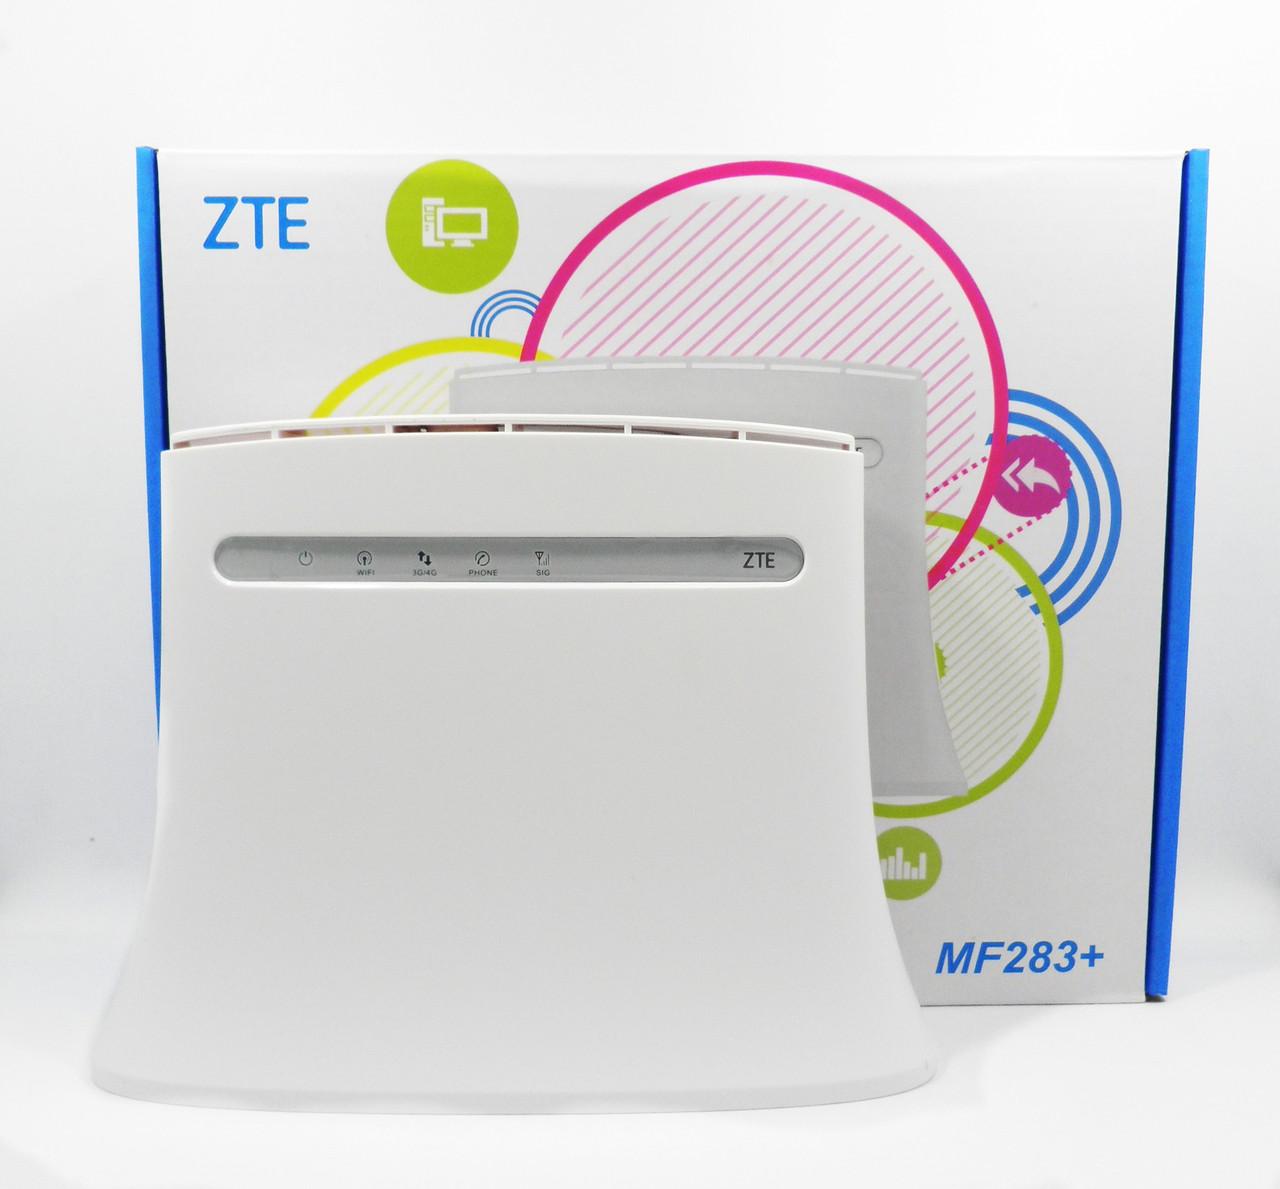 !УЦЕНКА! Wi-Fi роутер 3G/4G Маршрутизатор ZTE MF283+